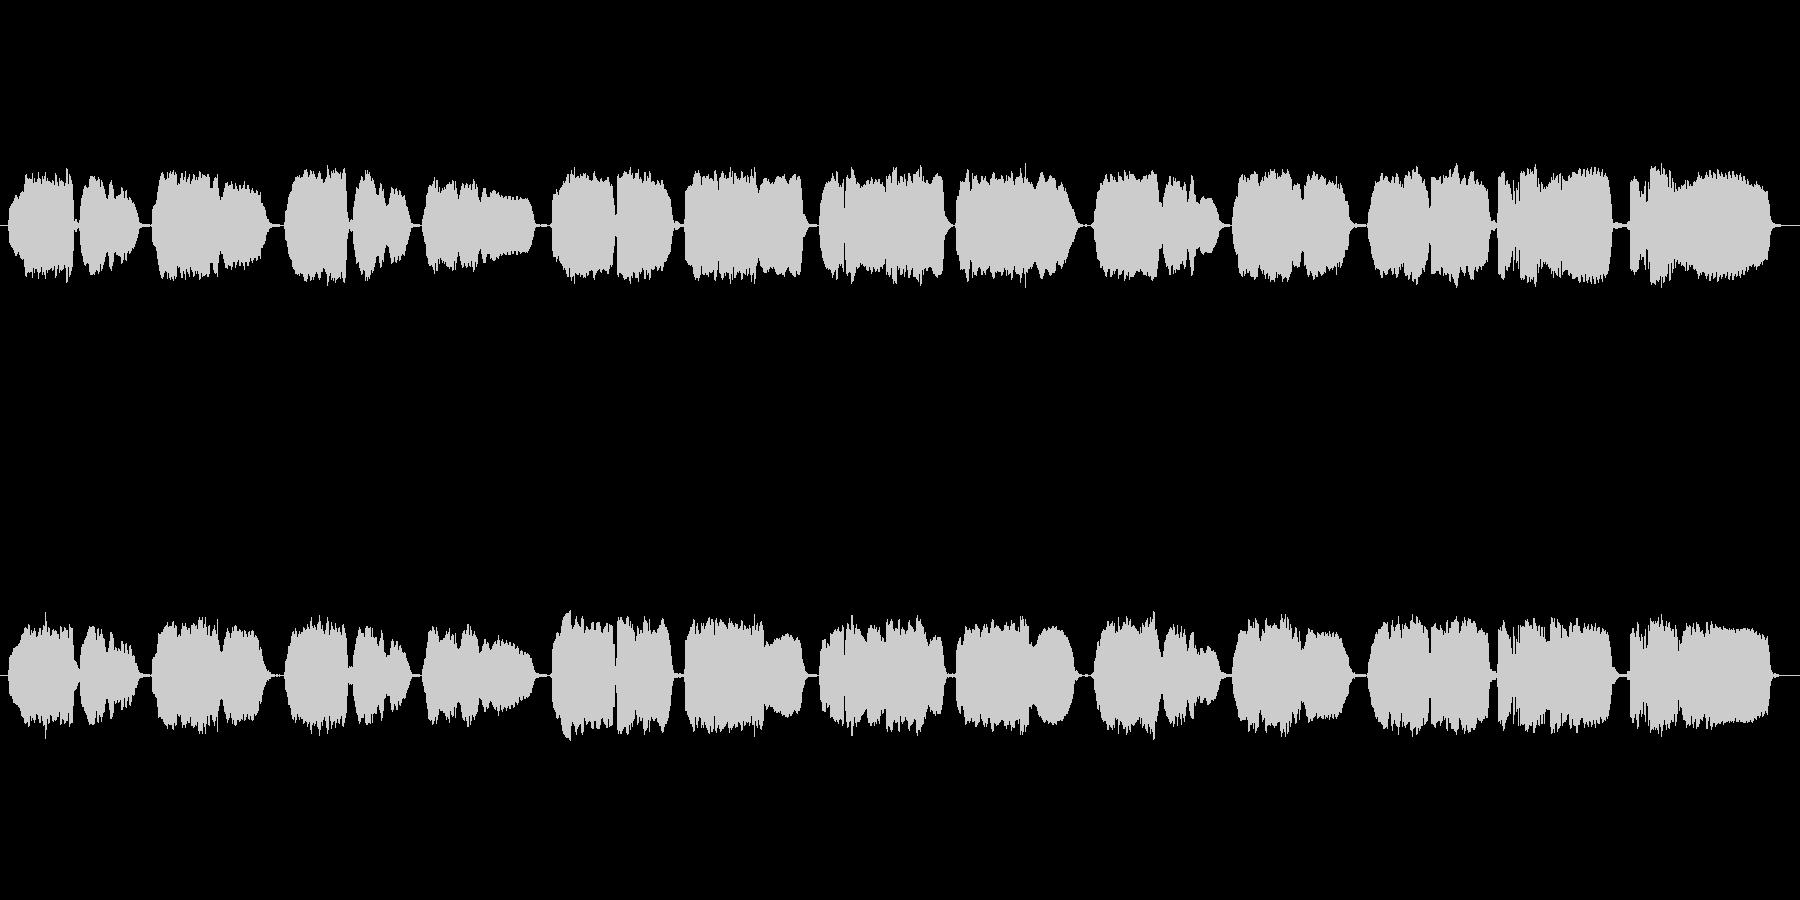 「家路」の篠笛独奏の未再生の波形